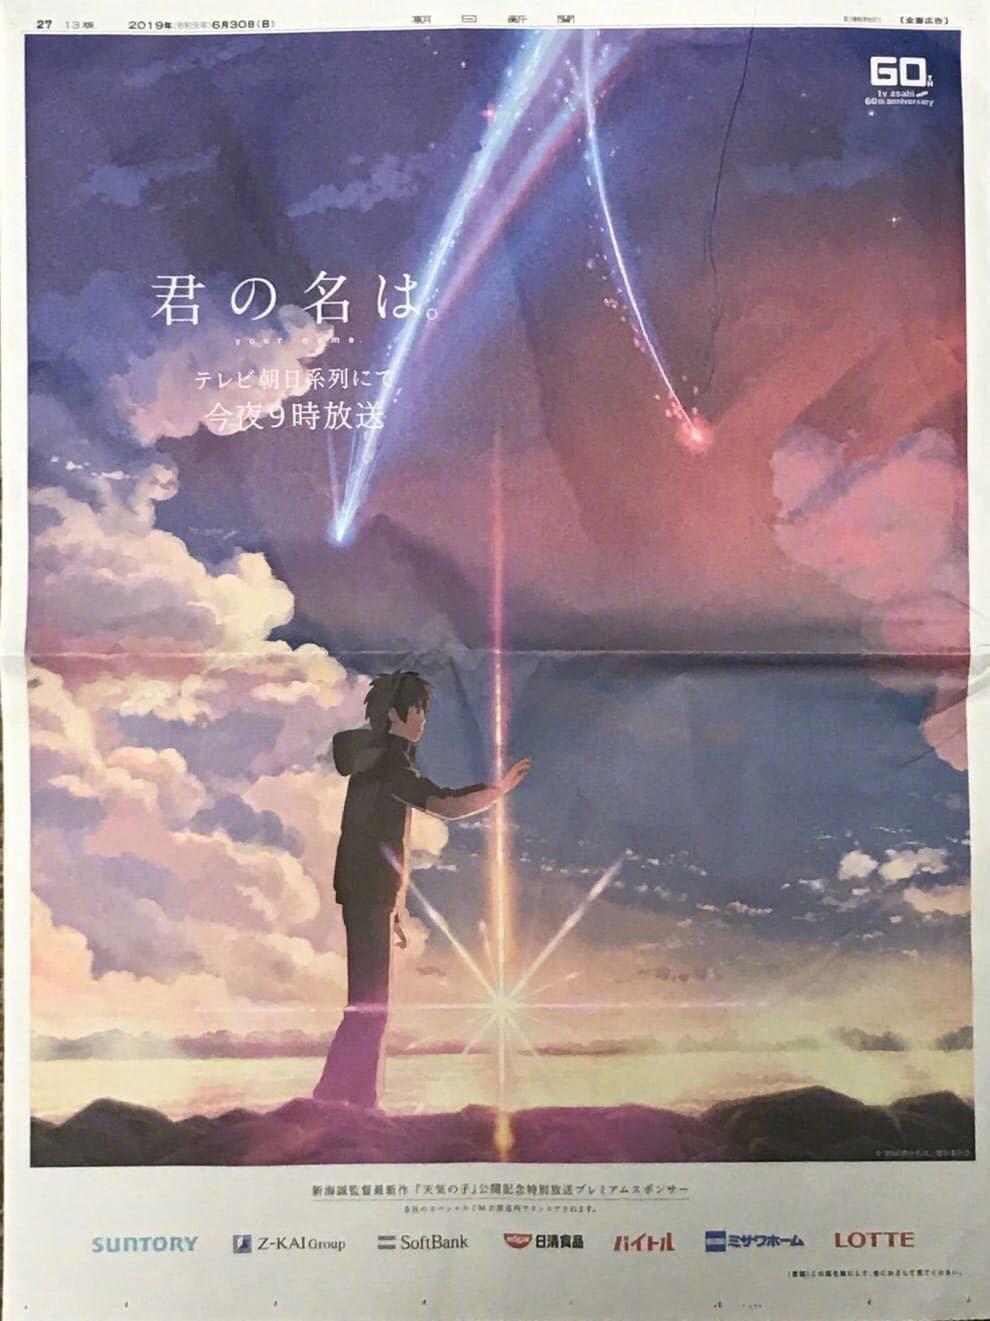 神设计!!!日本朝日新闻上刊登的《你的名字》广告